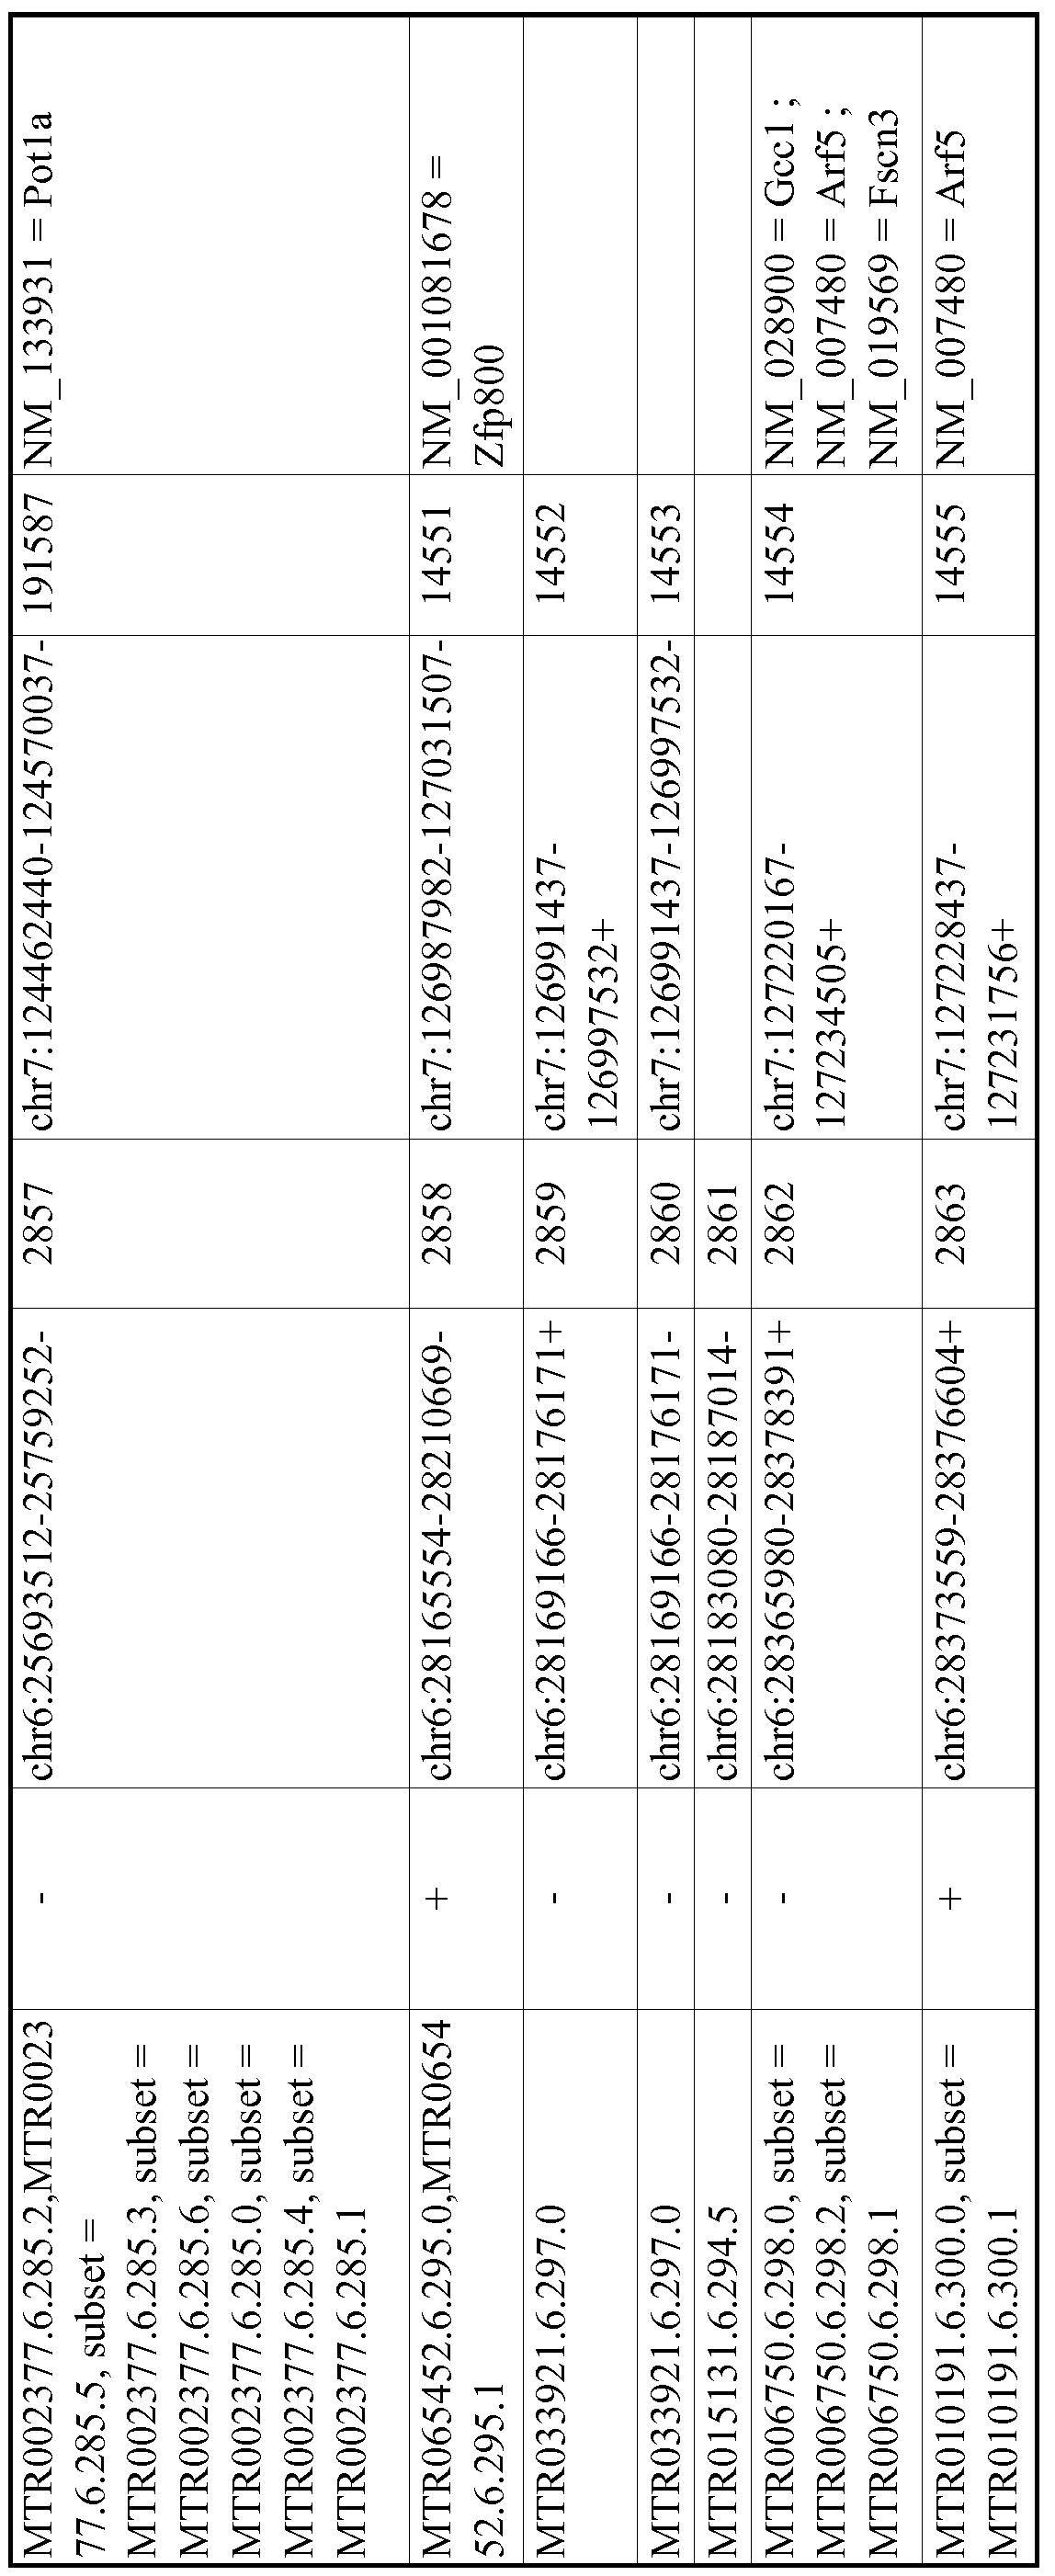 Figure imgf000585_0001